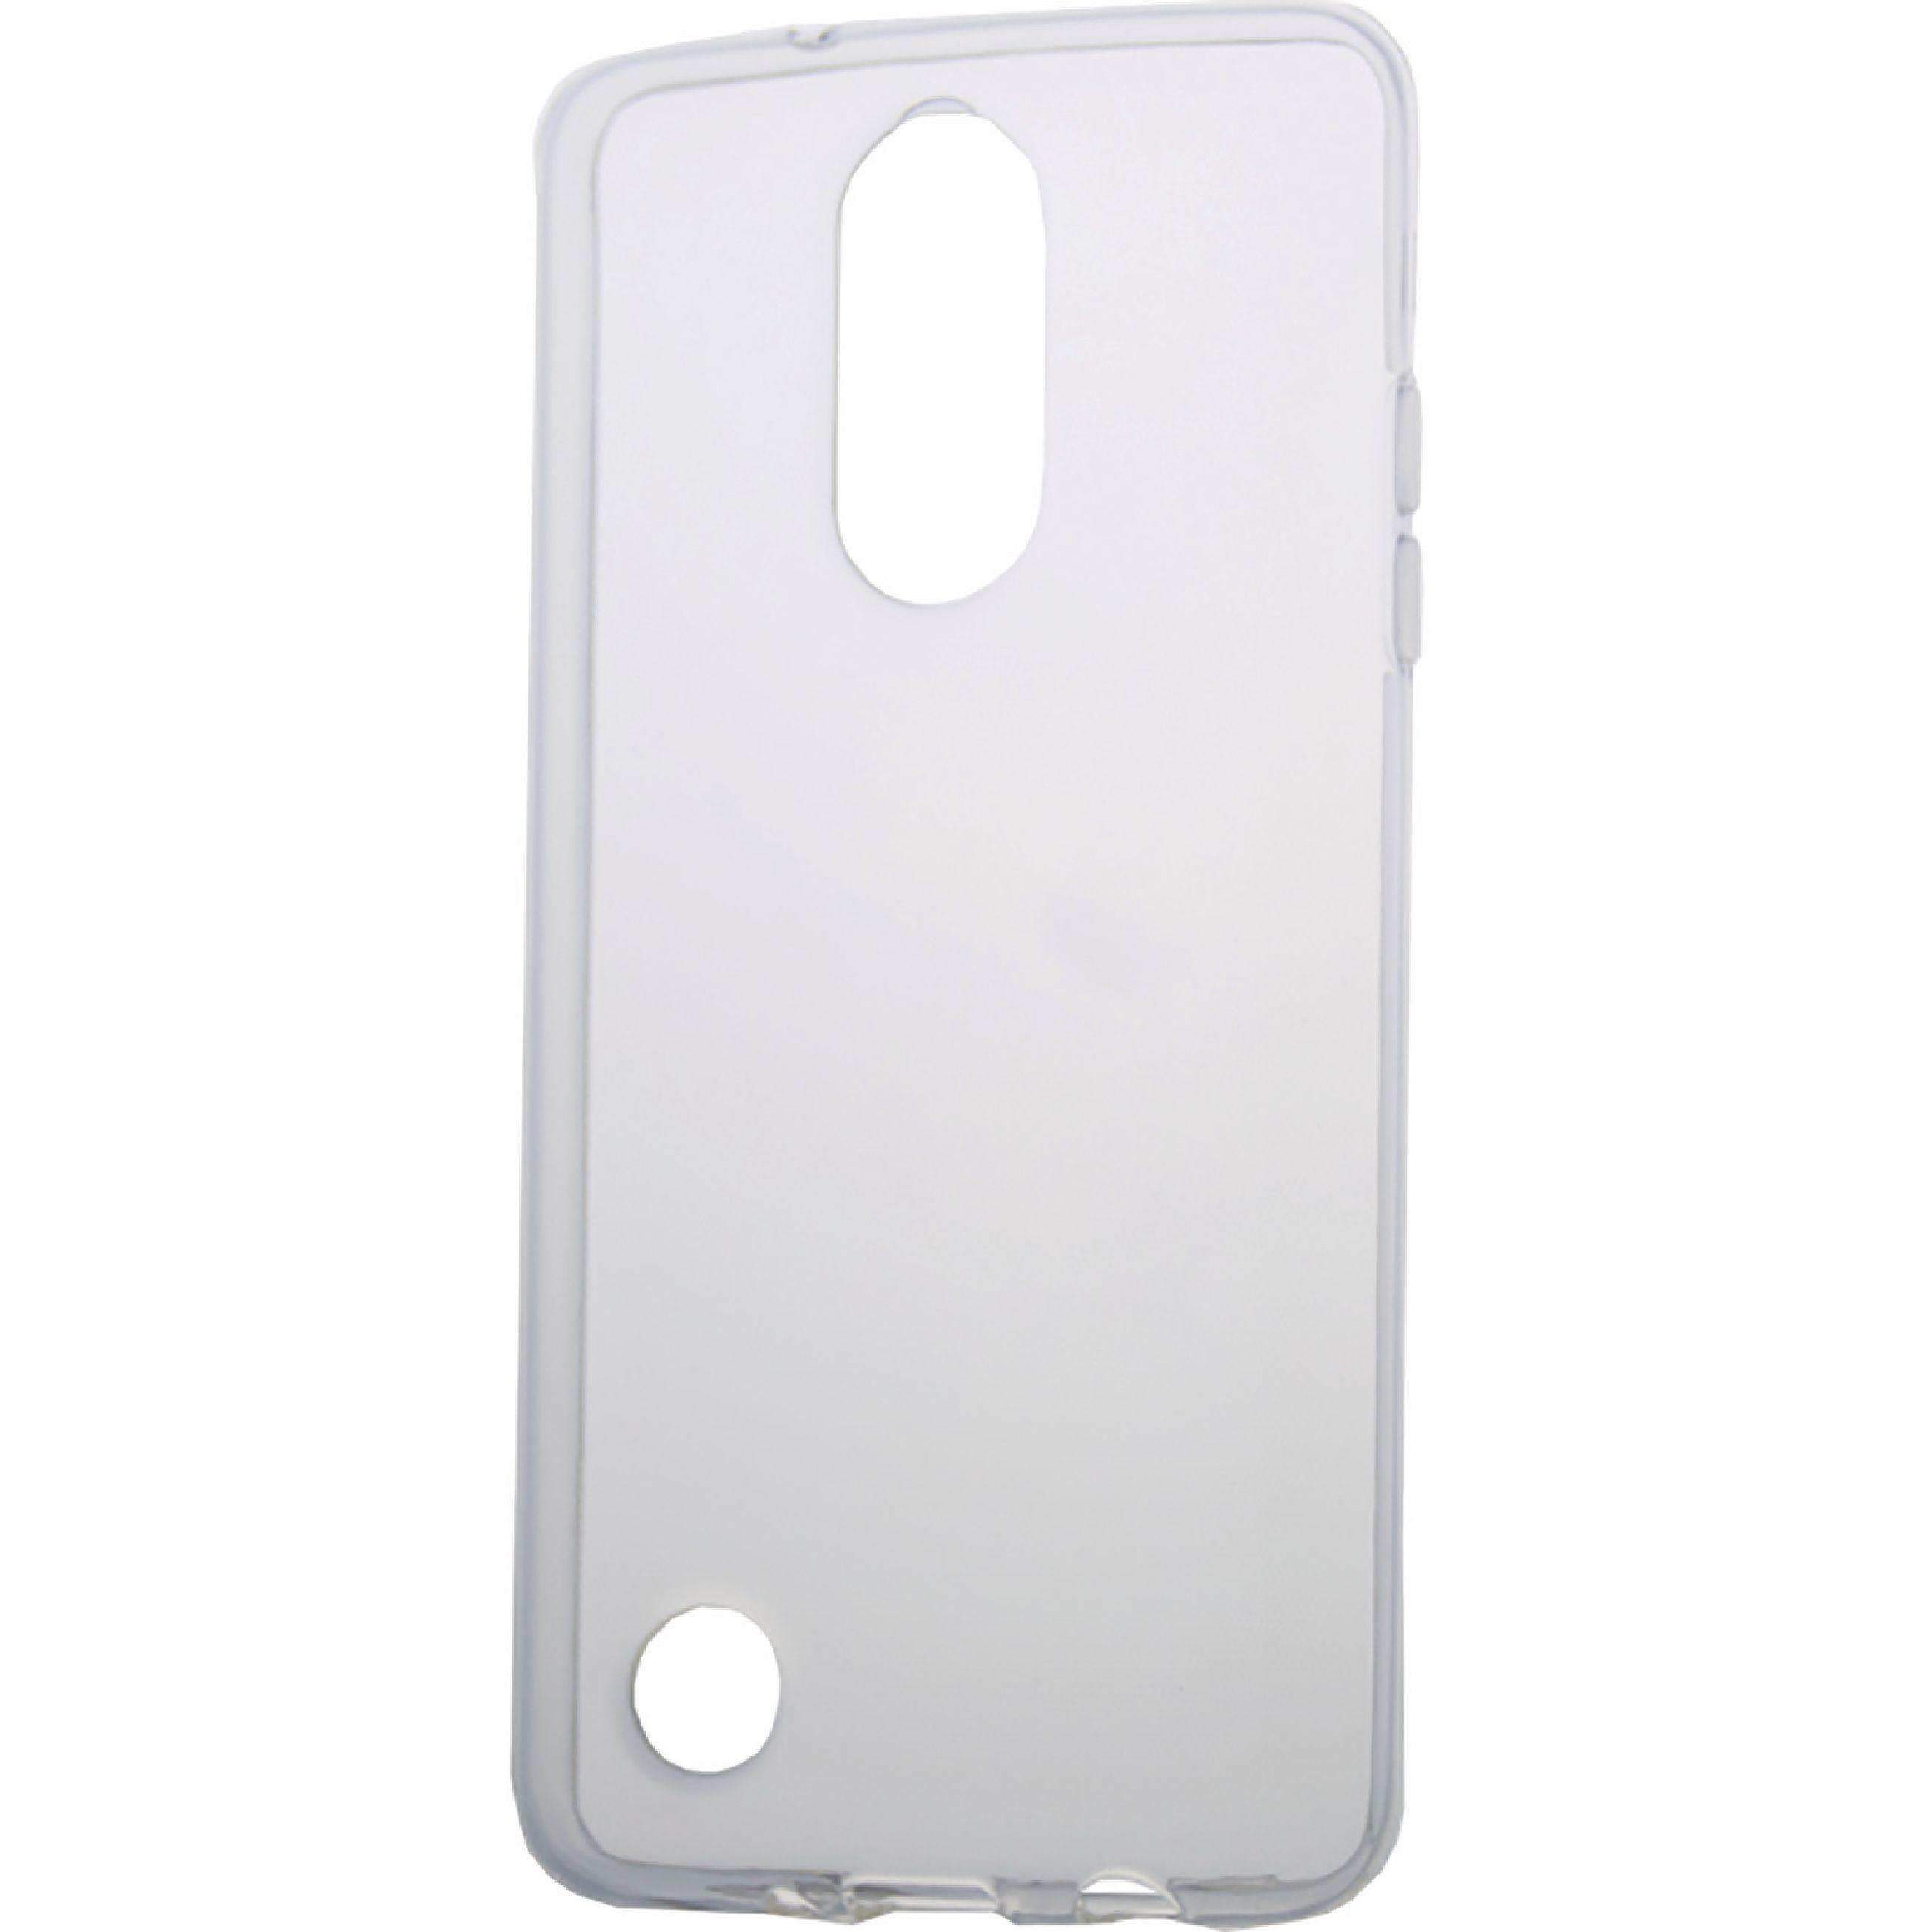 Image of   Telefon Gel-Etui LG K8 2017 Gennemsigtig